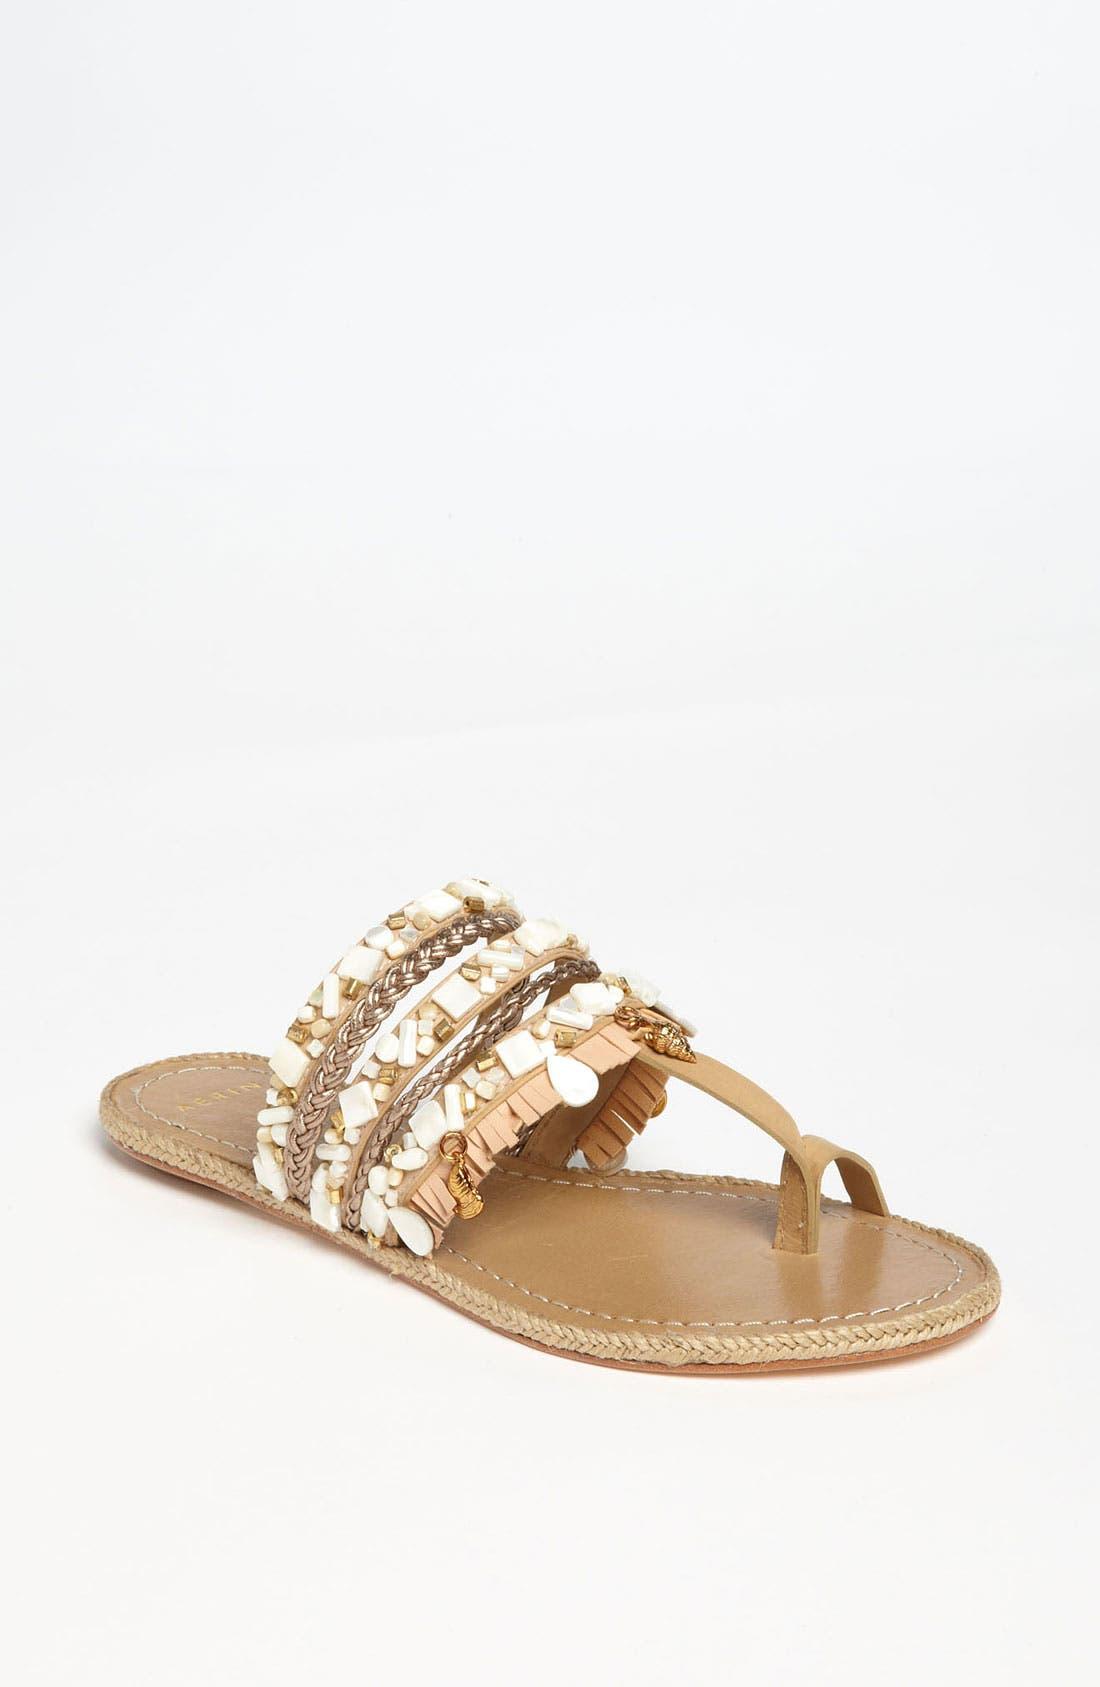 Alternate Image 1 Selected - Aerin 'Palau' Sandal